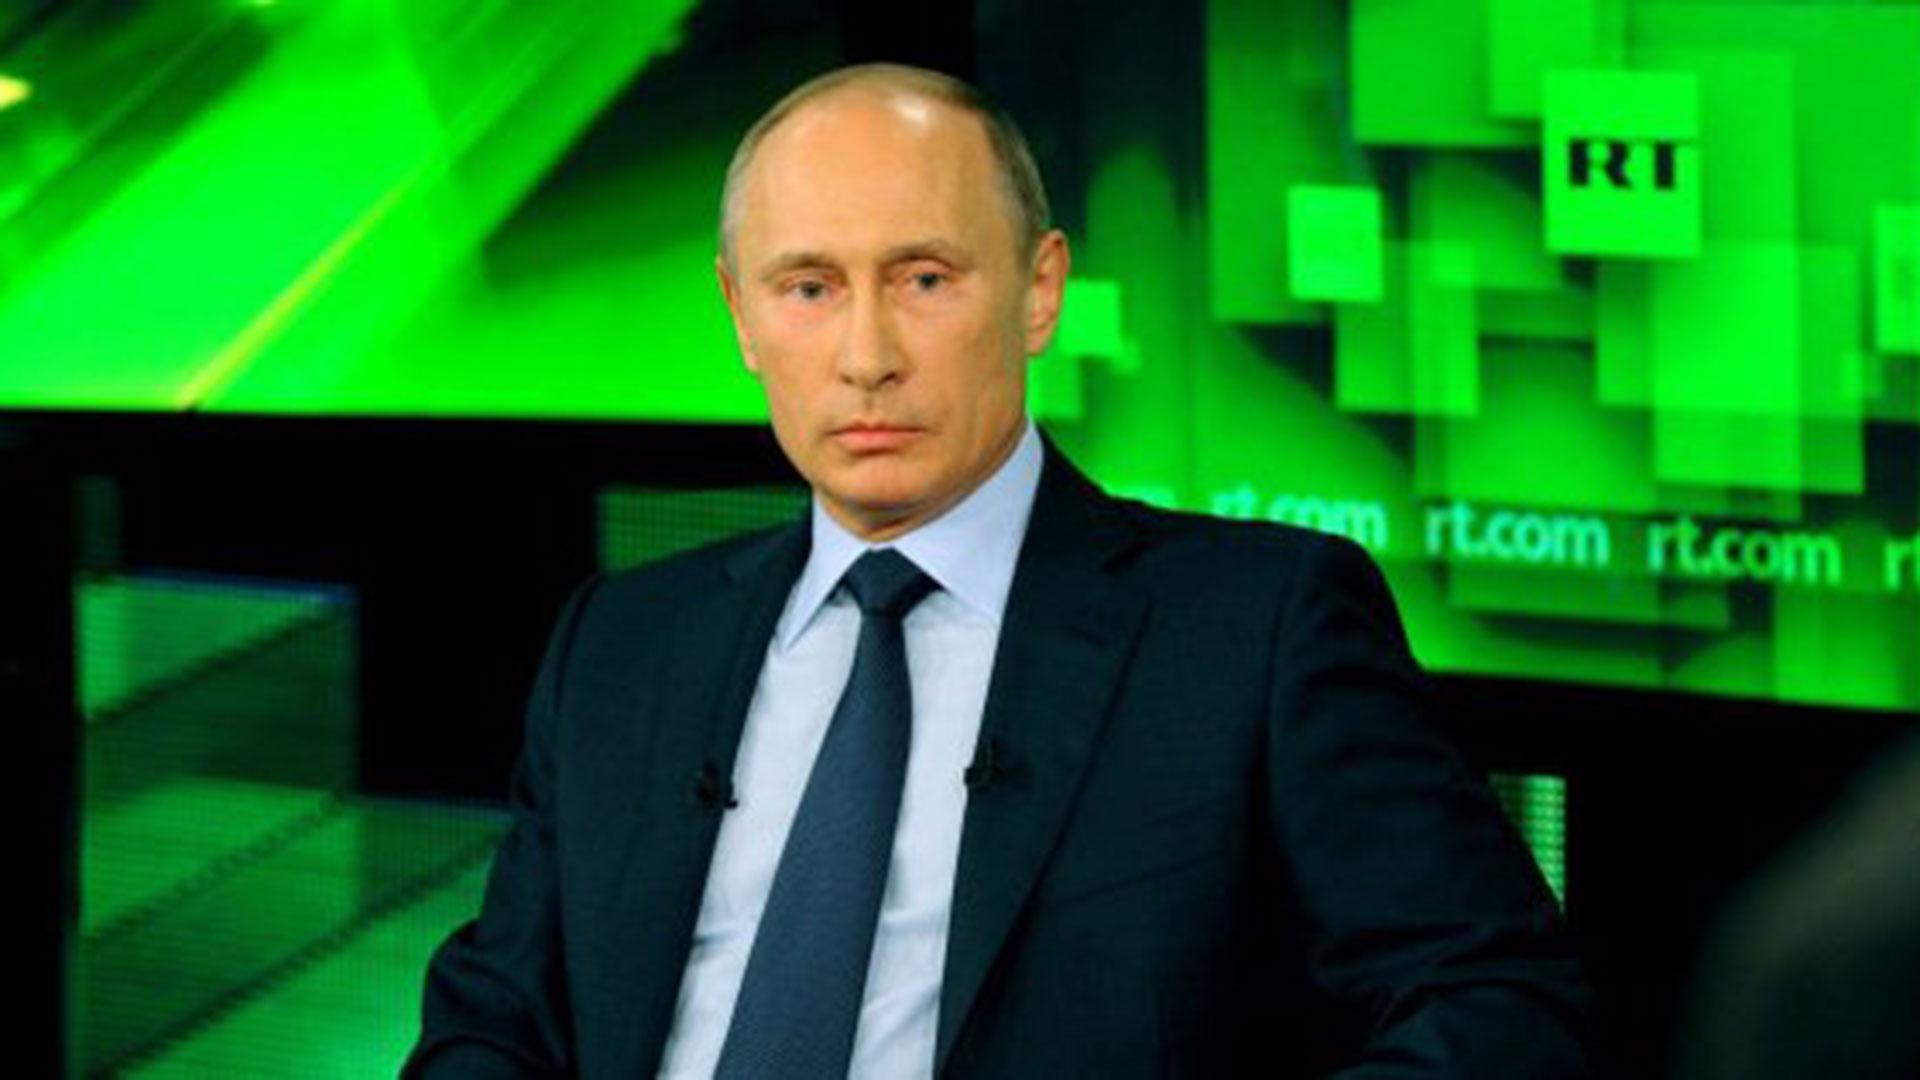 RT es acusado de participar en campañas de desinformación por órdenes del gobierno de Putin